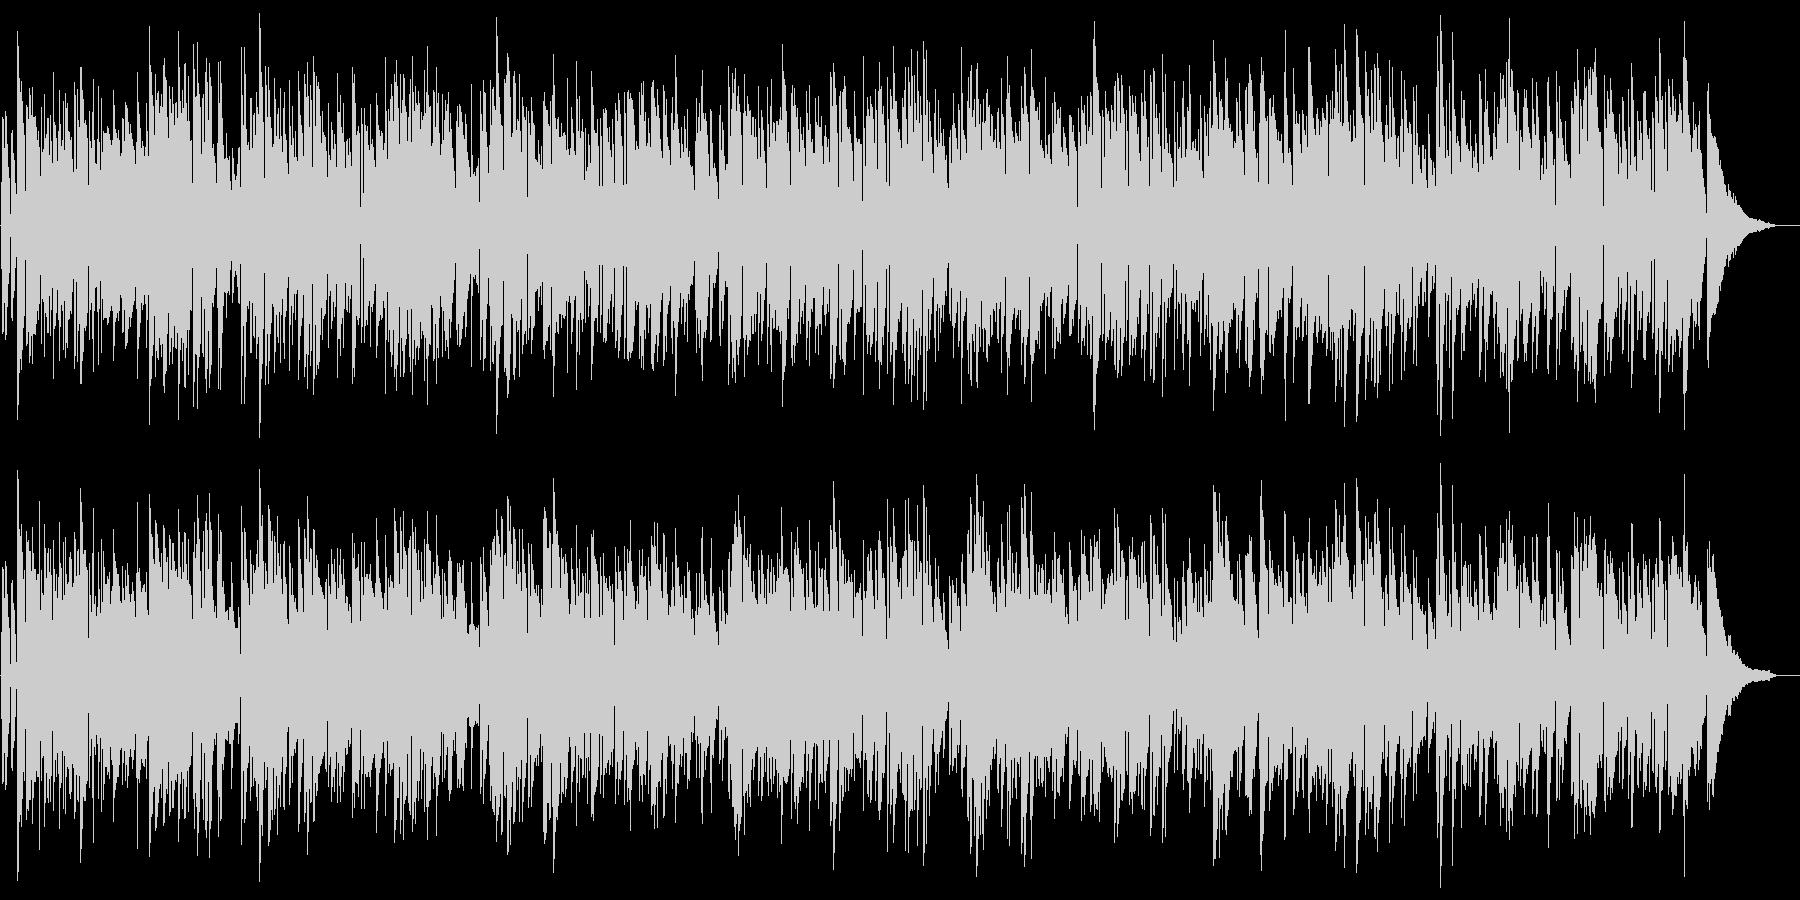 時間を忘れる南国のリラクゼーション音楽の未再生の波形